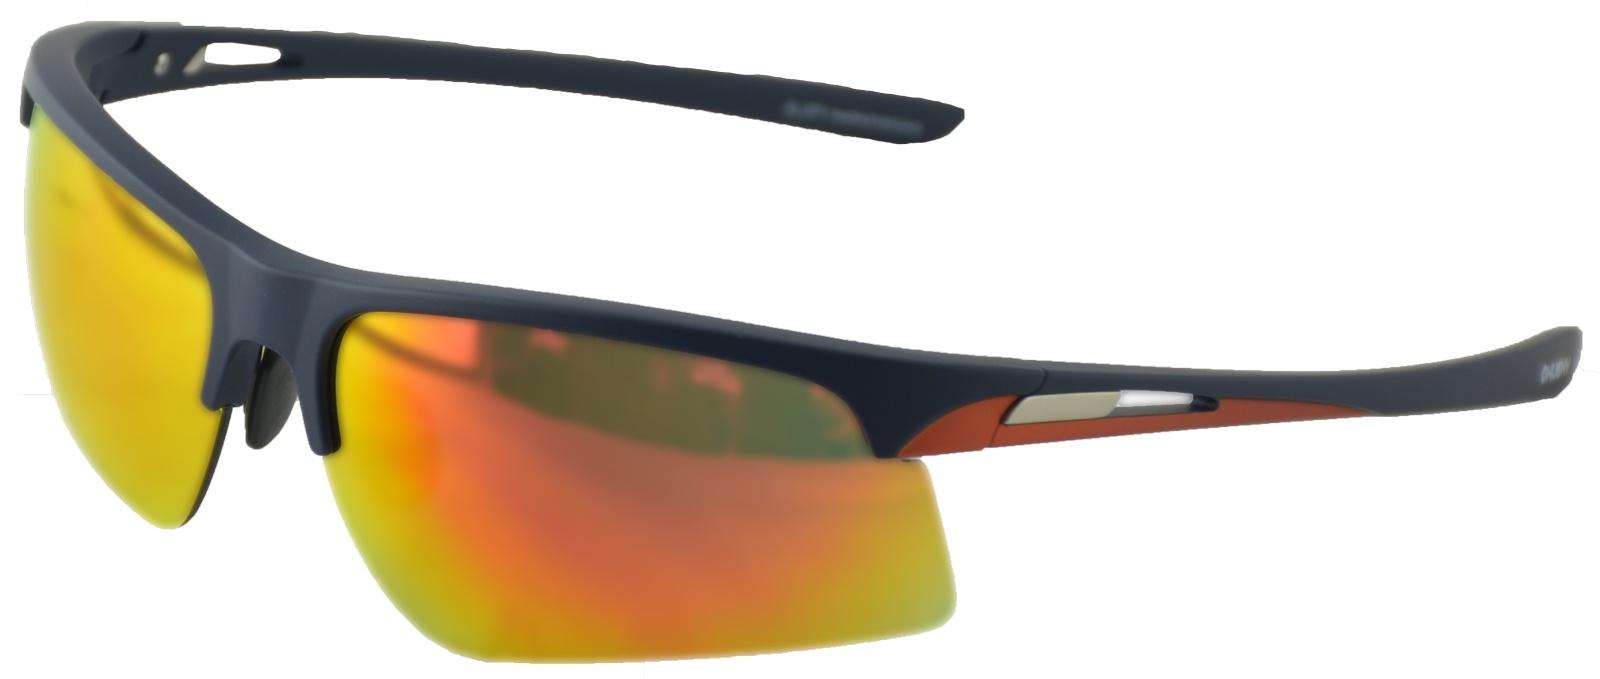 Sportovní brýle   Slupy modrá/oranžová